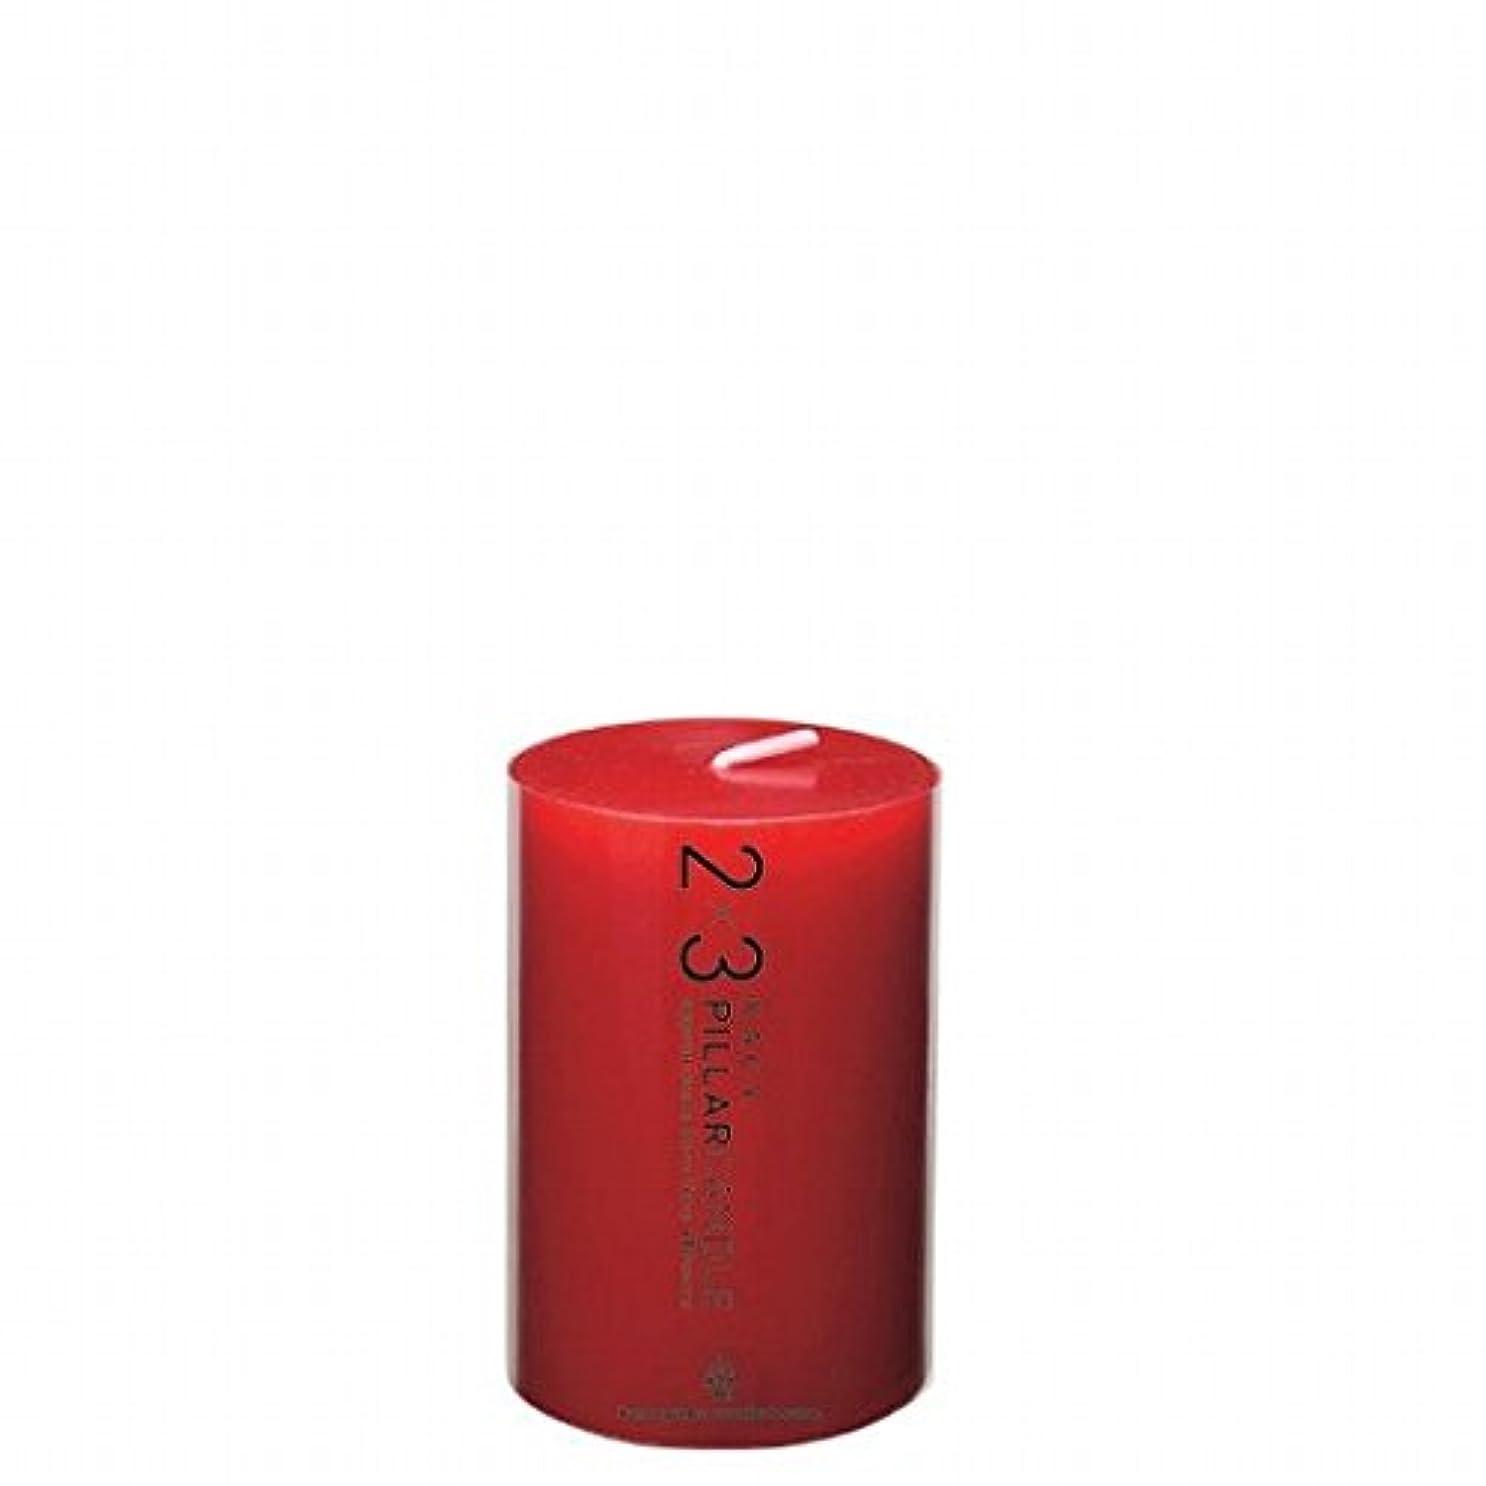 ライド価値のないビバカメヤマキャンドル( kameyama candle ) 2×3ピラーキャンドル 「 レッド 」